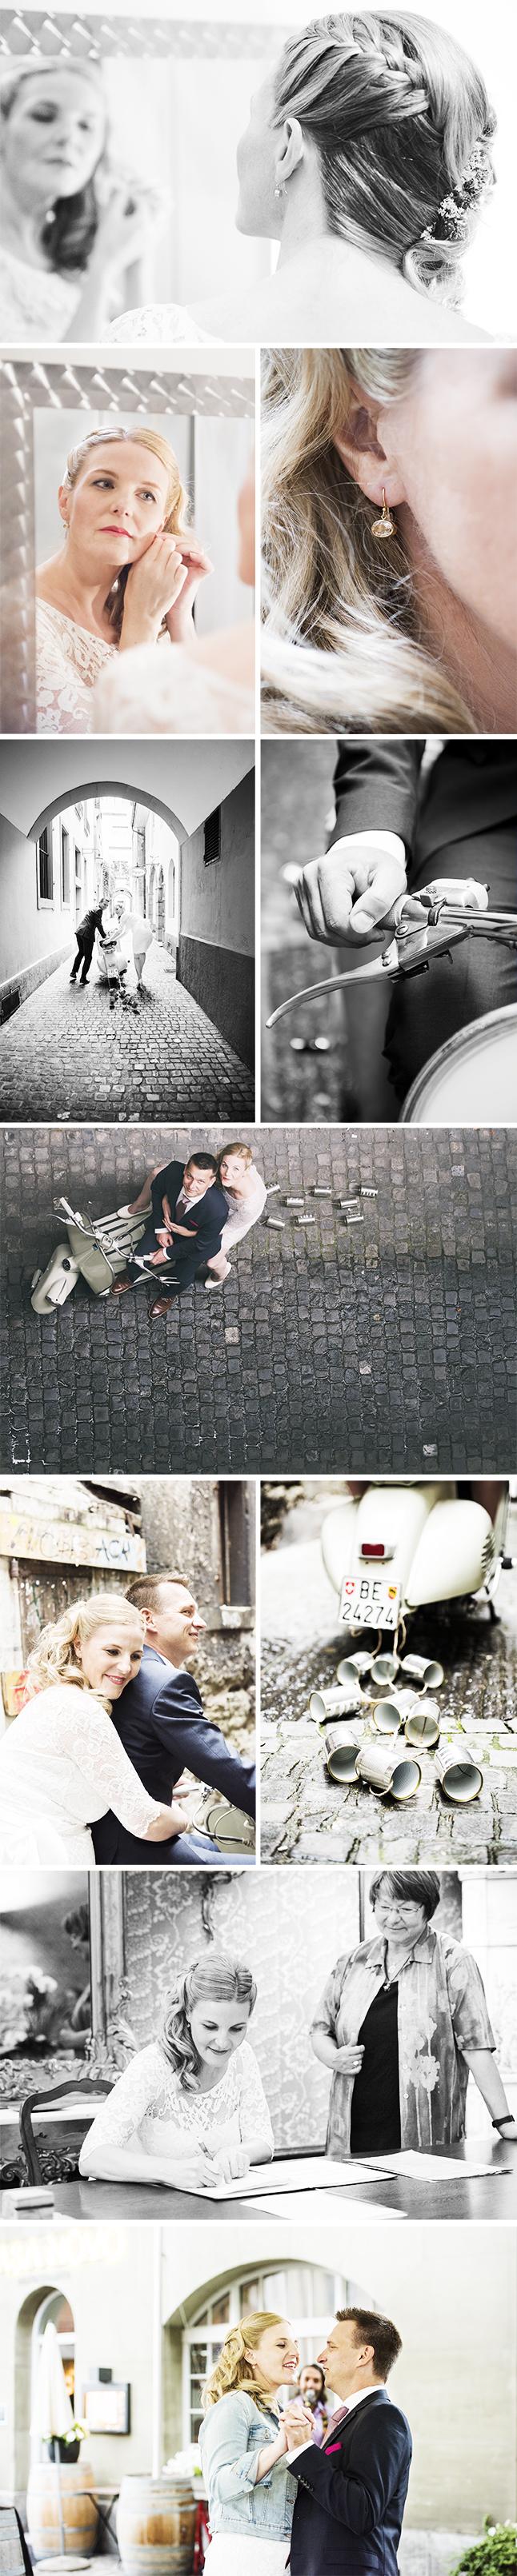 Hochzeit Daniela&Dinu_Fotos Noemi Tirro